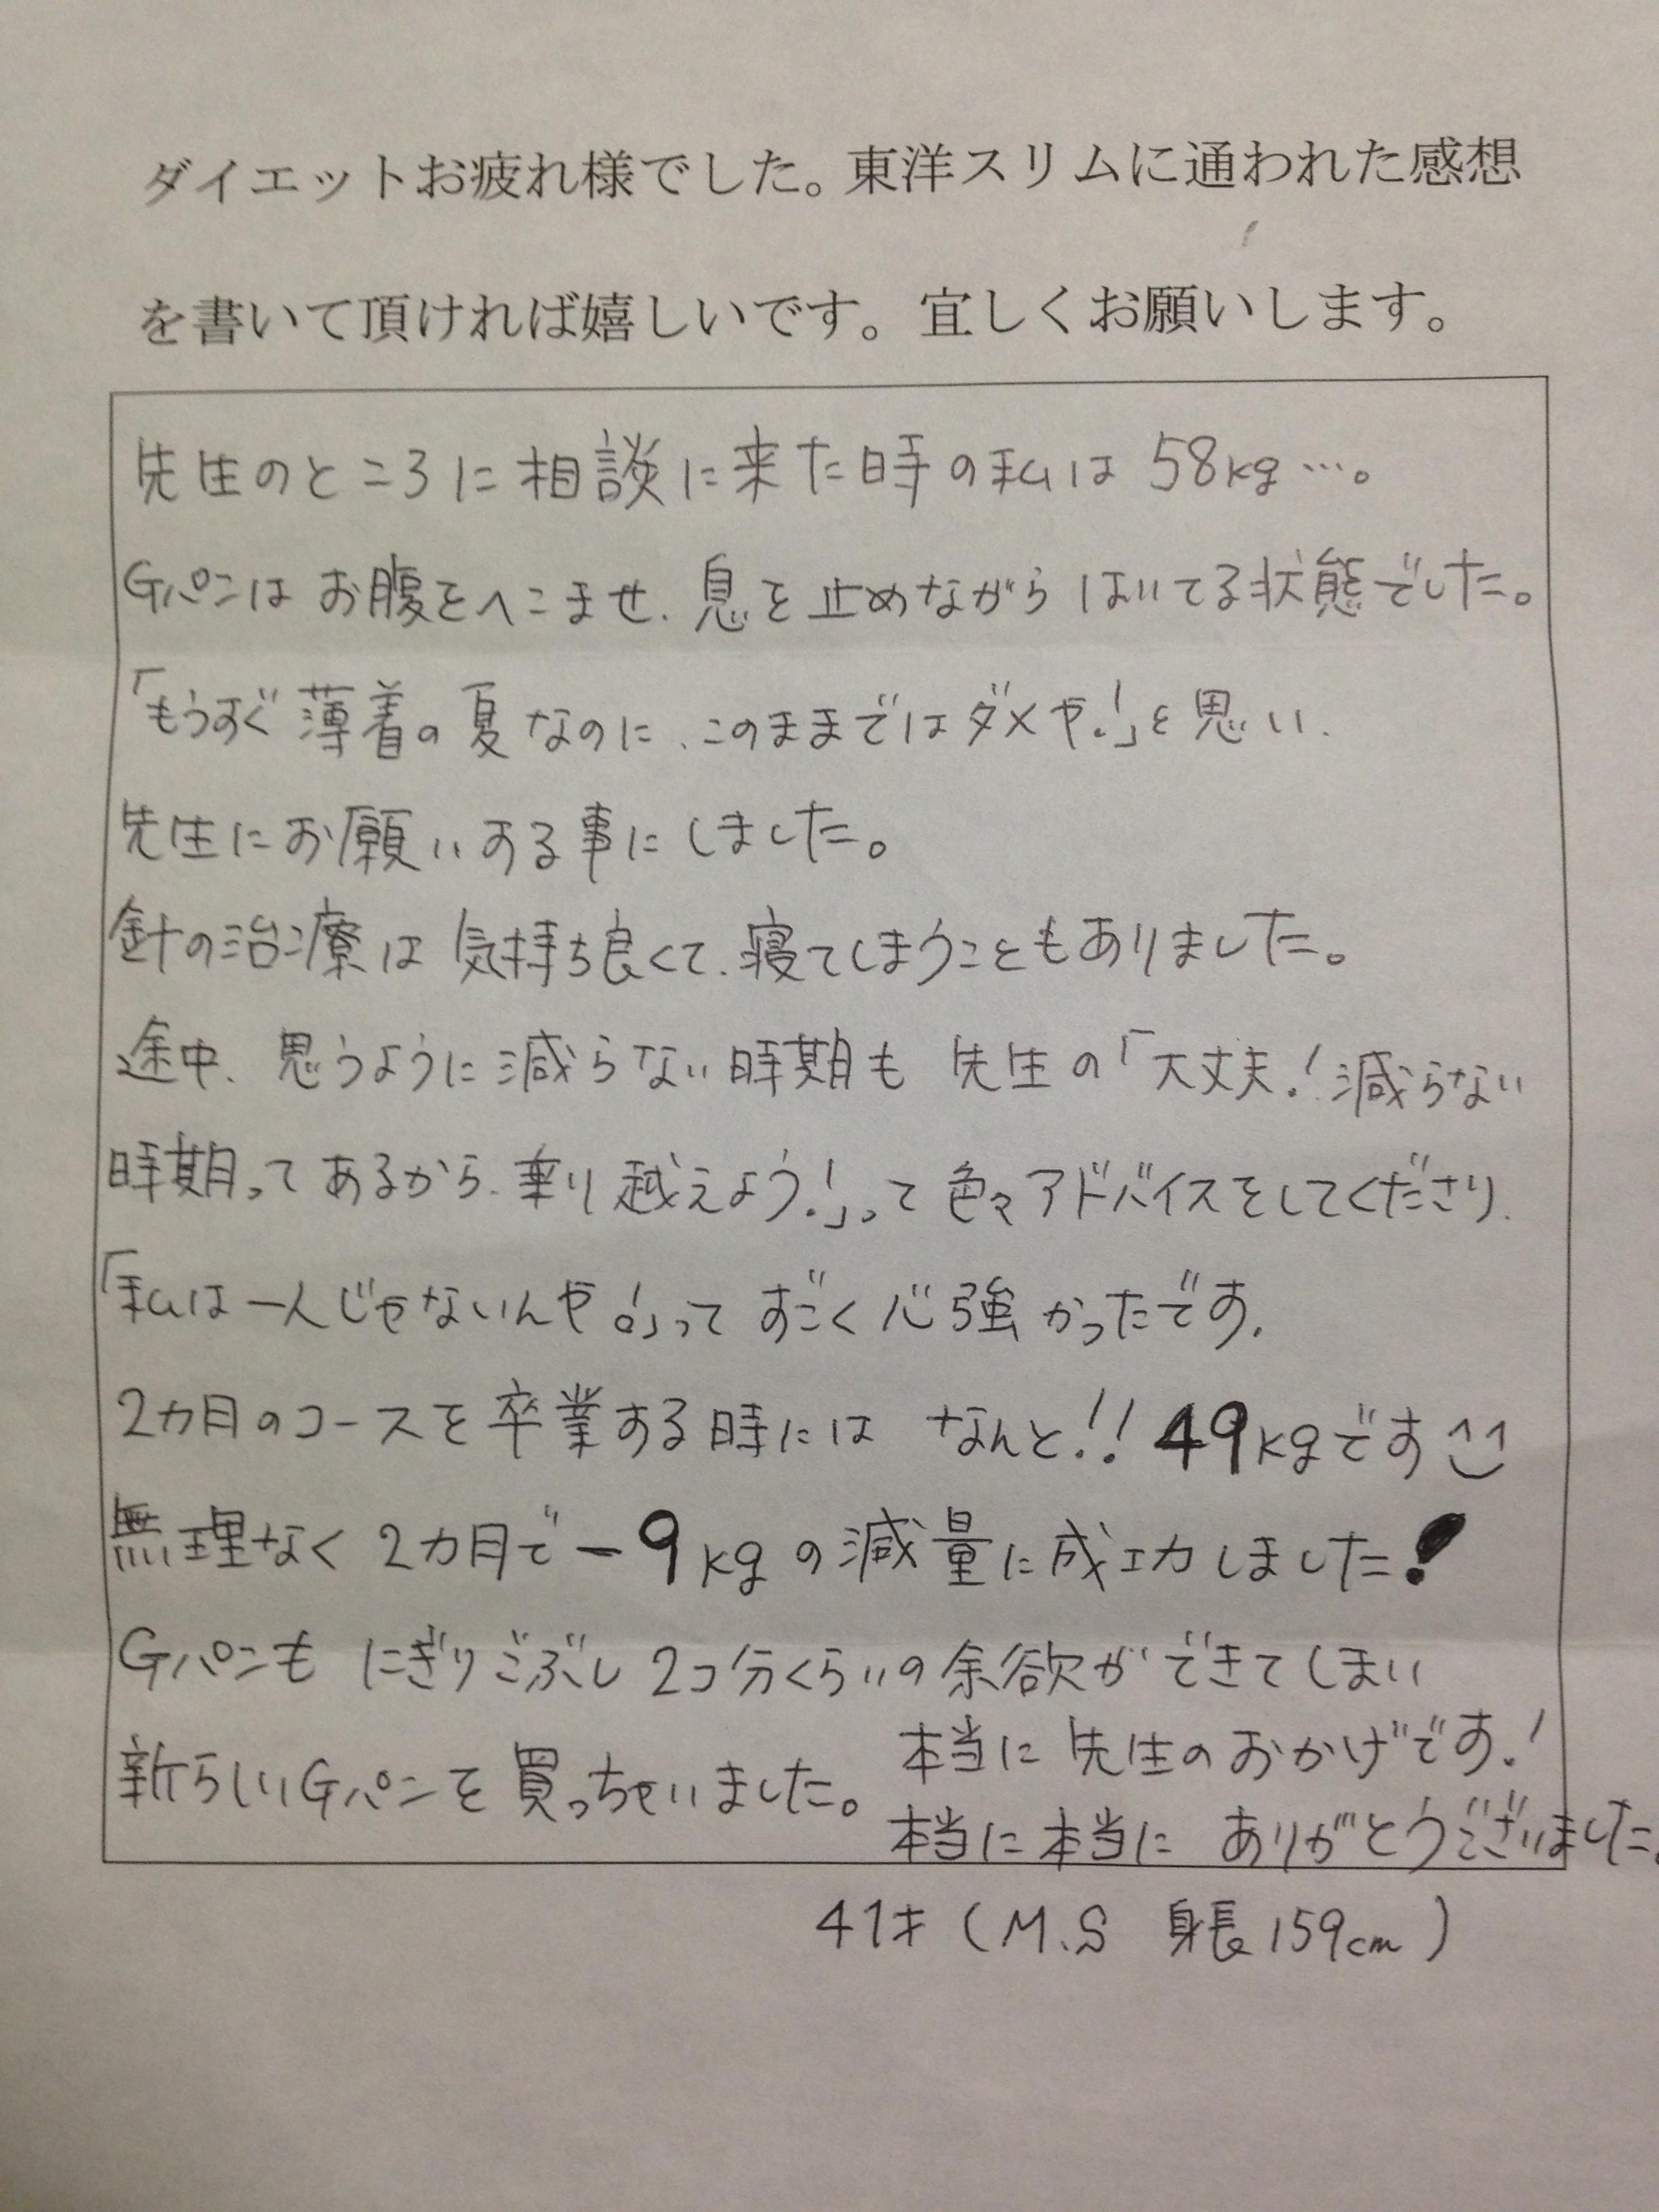 藤井寺市Sさん(41歳)耳ツボダイエットで2か月ー9kgダイエット成功。「新しいGパン買っちゃいました